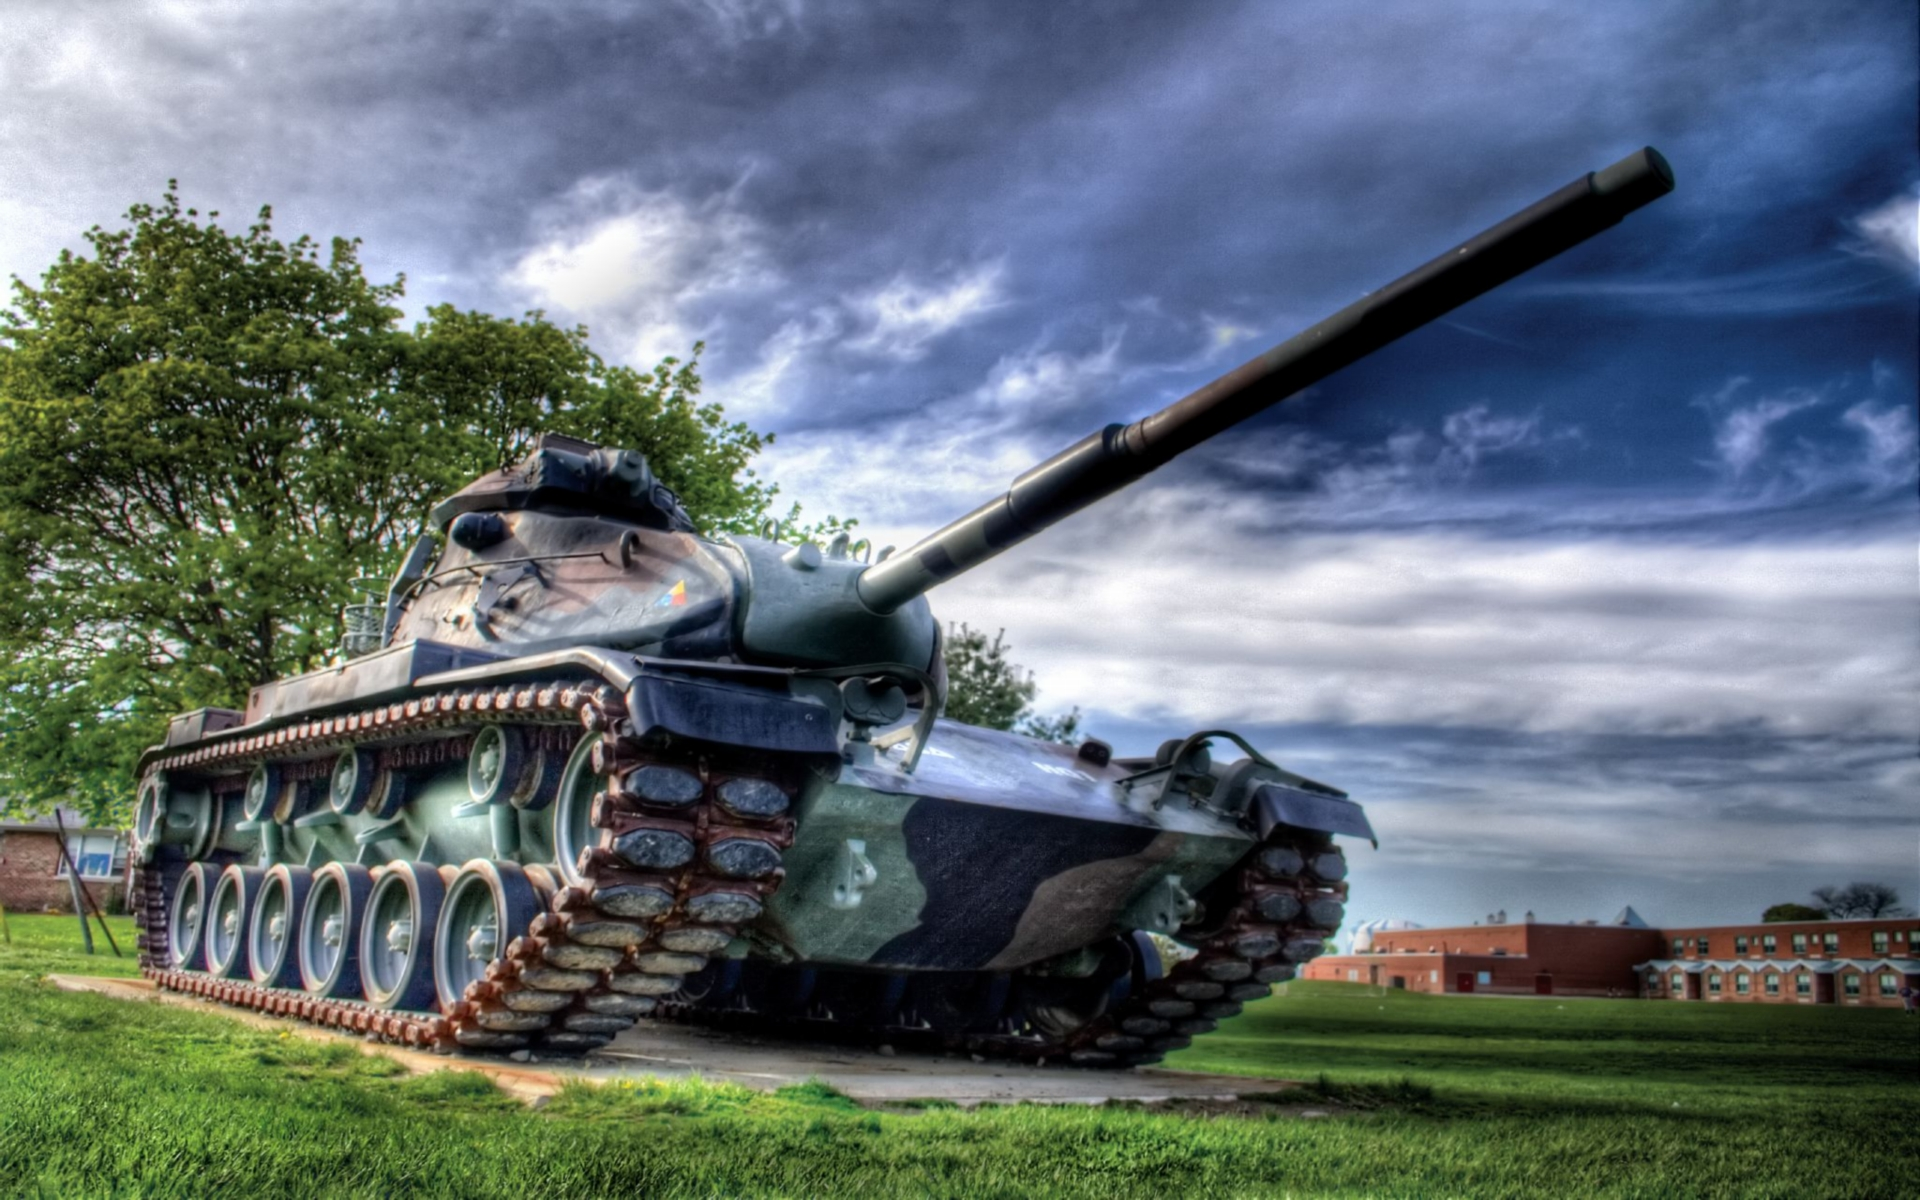 tanks wallpaper, скачать обои для рабчоего стола, танк